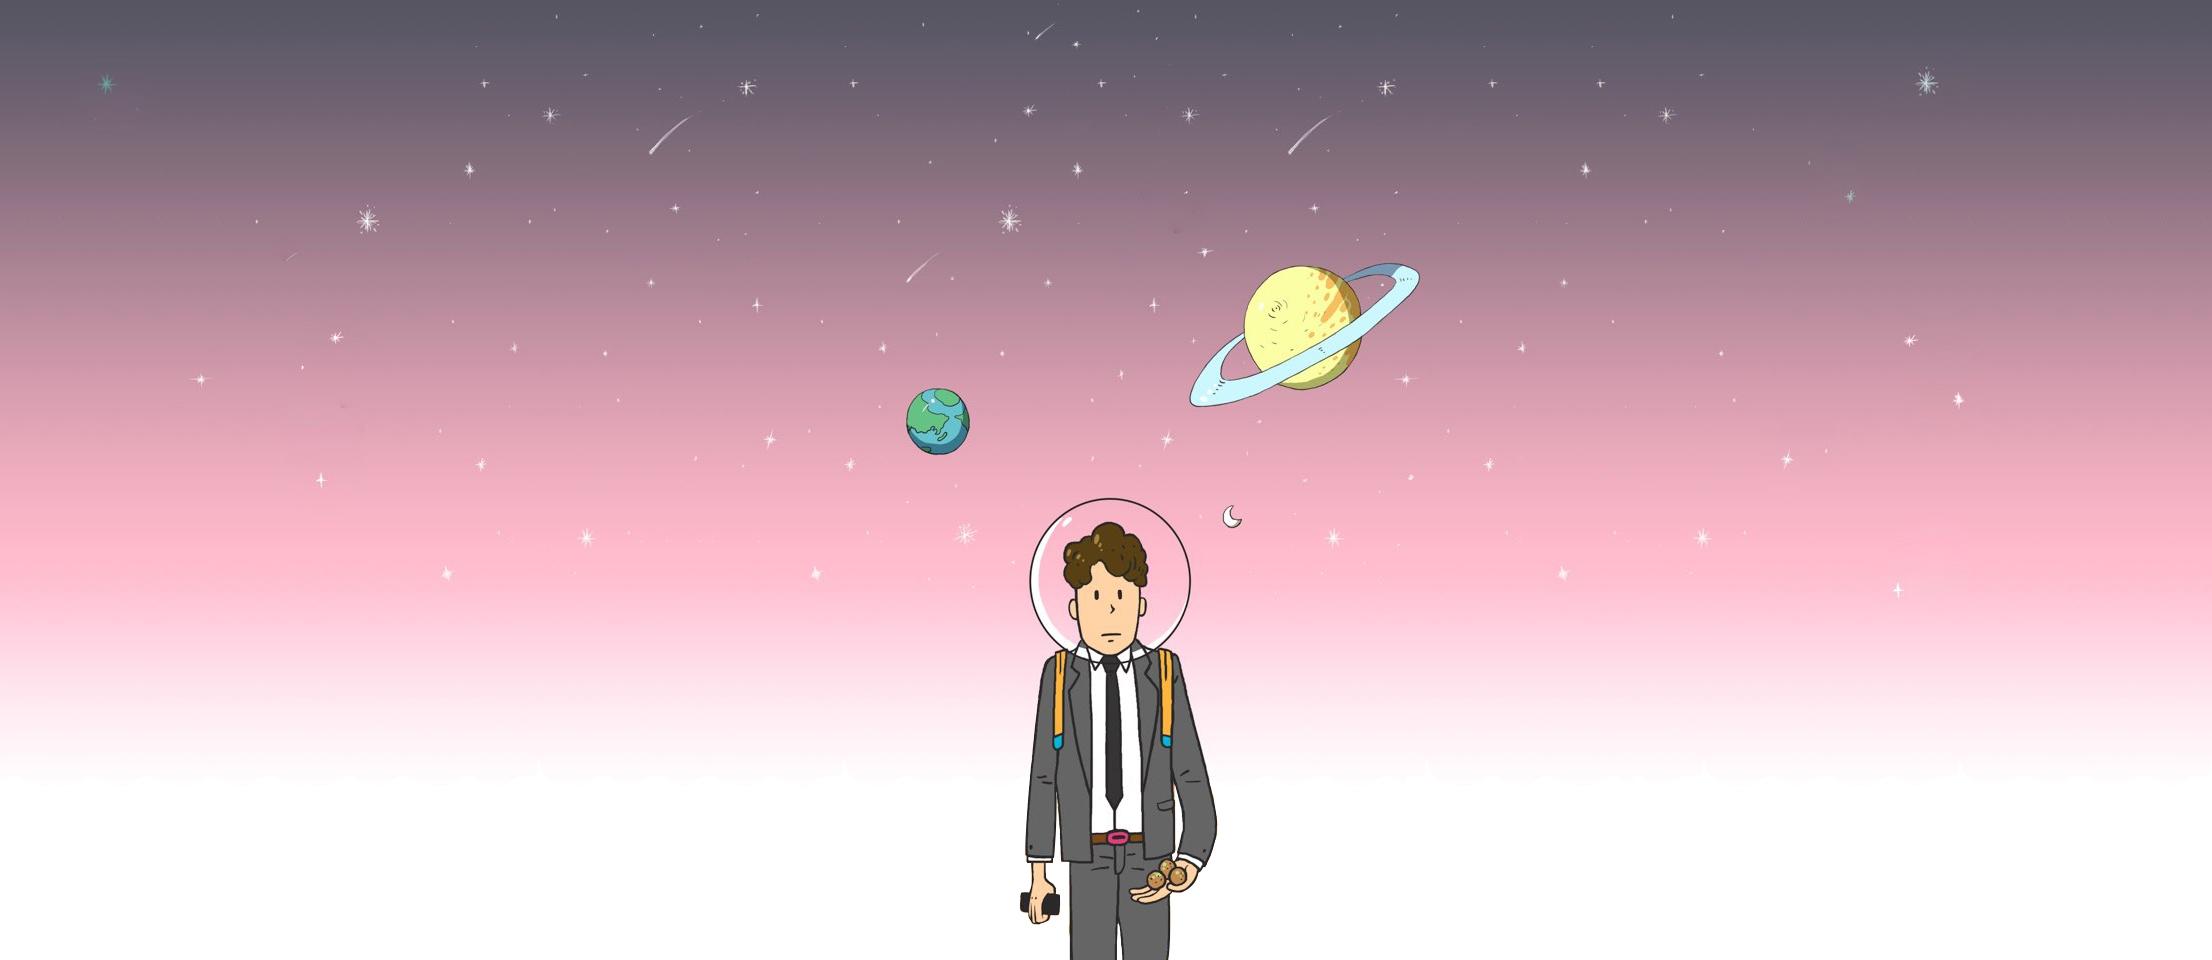 <김사원 표류기> - #10. 에필로그 (시무식)